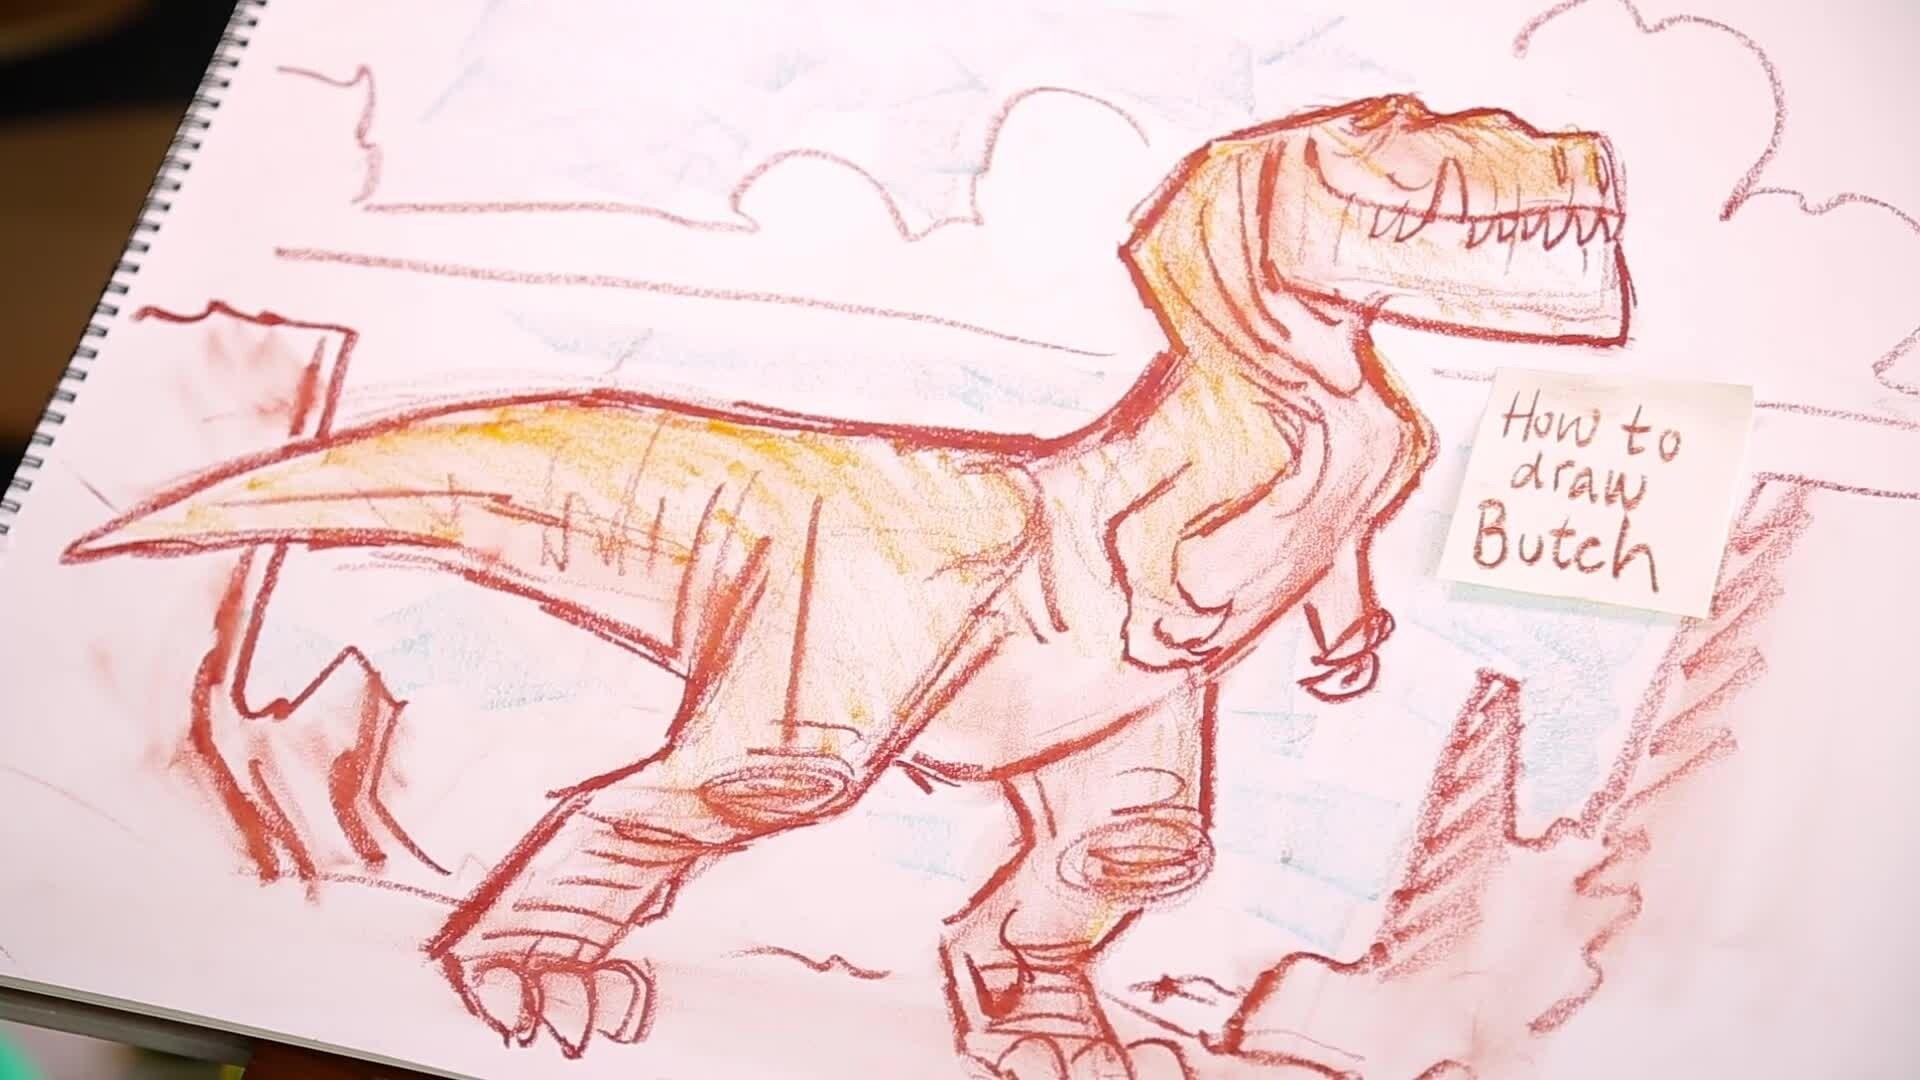 Butch - The Good Dinosaur